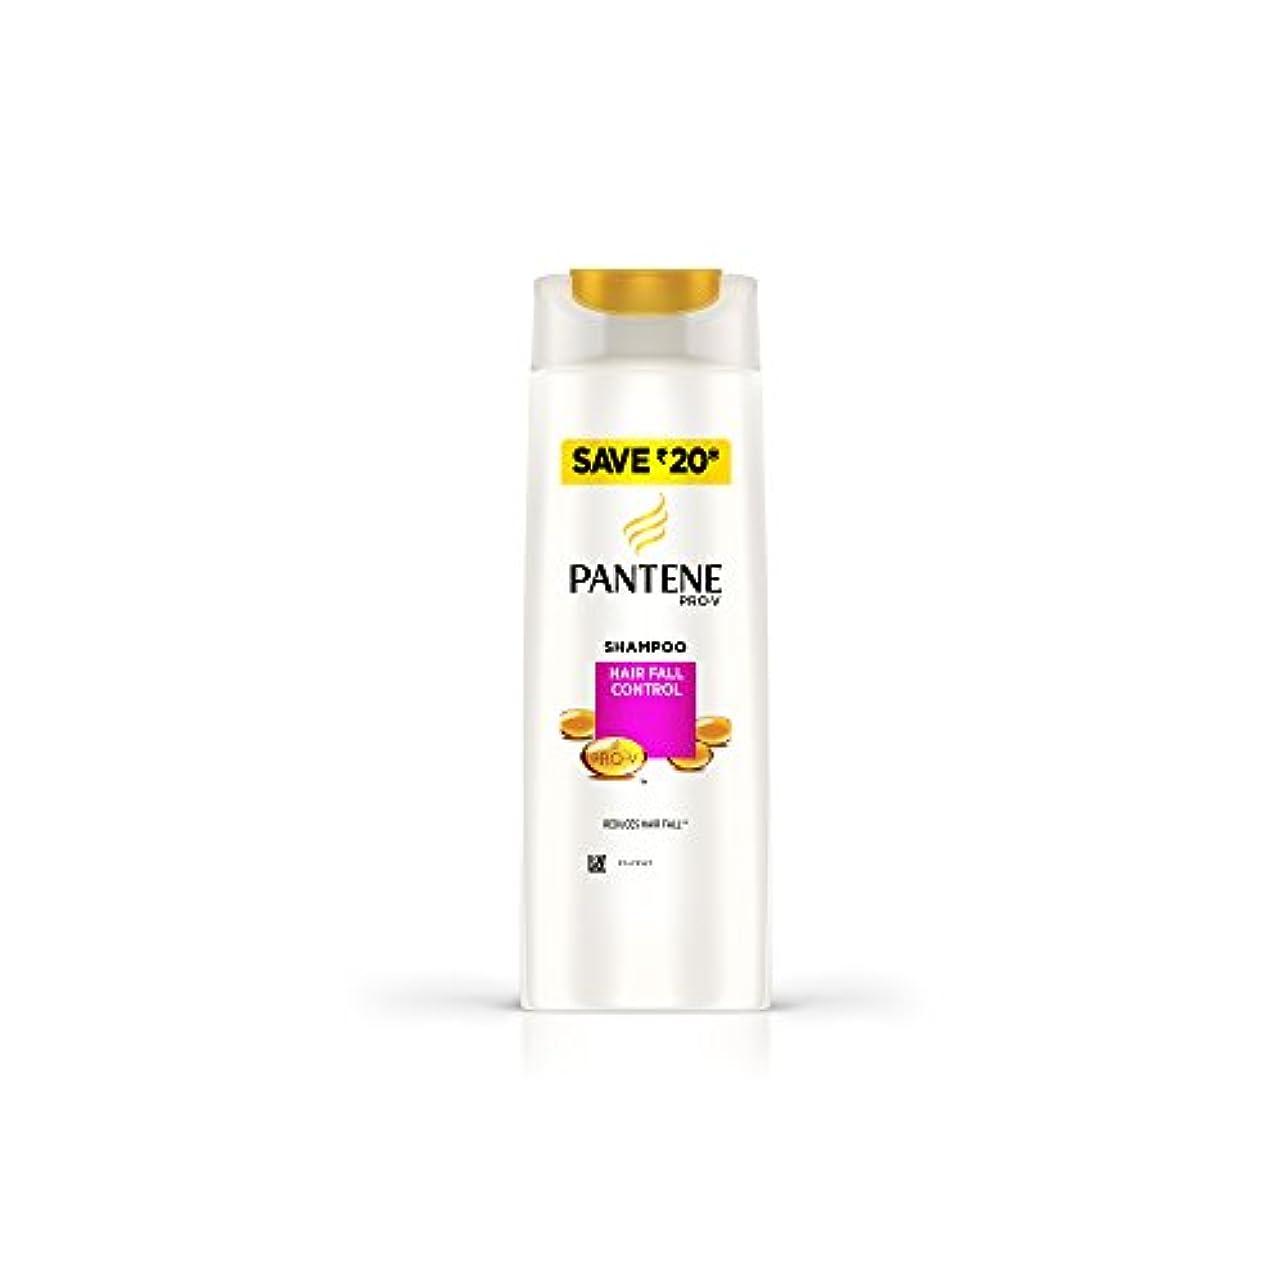 同種のそれぞれ動PANTENE Hair Fall control SHAMPOO 180 ml (PANTENEヘアフォールコントロールシャンプー180ml)